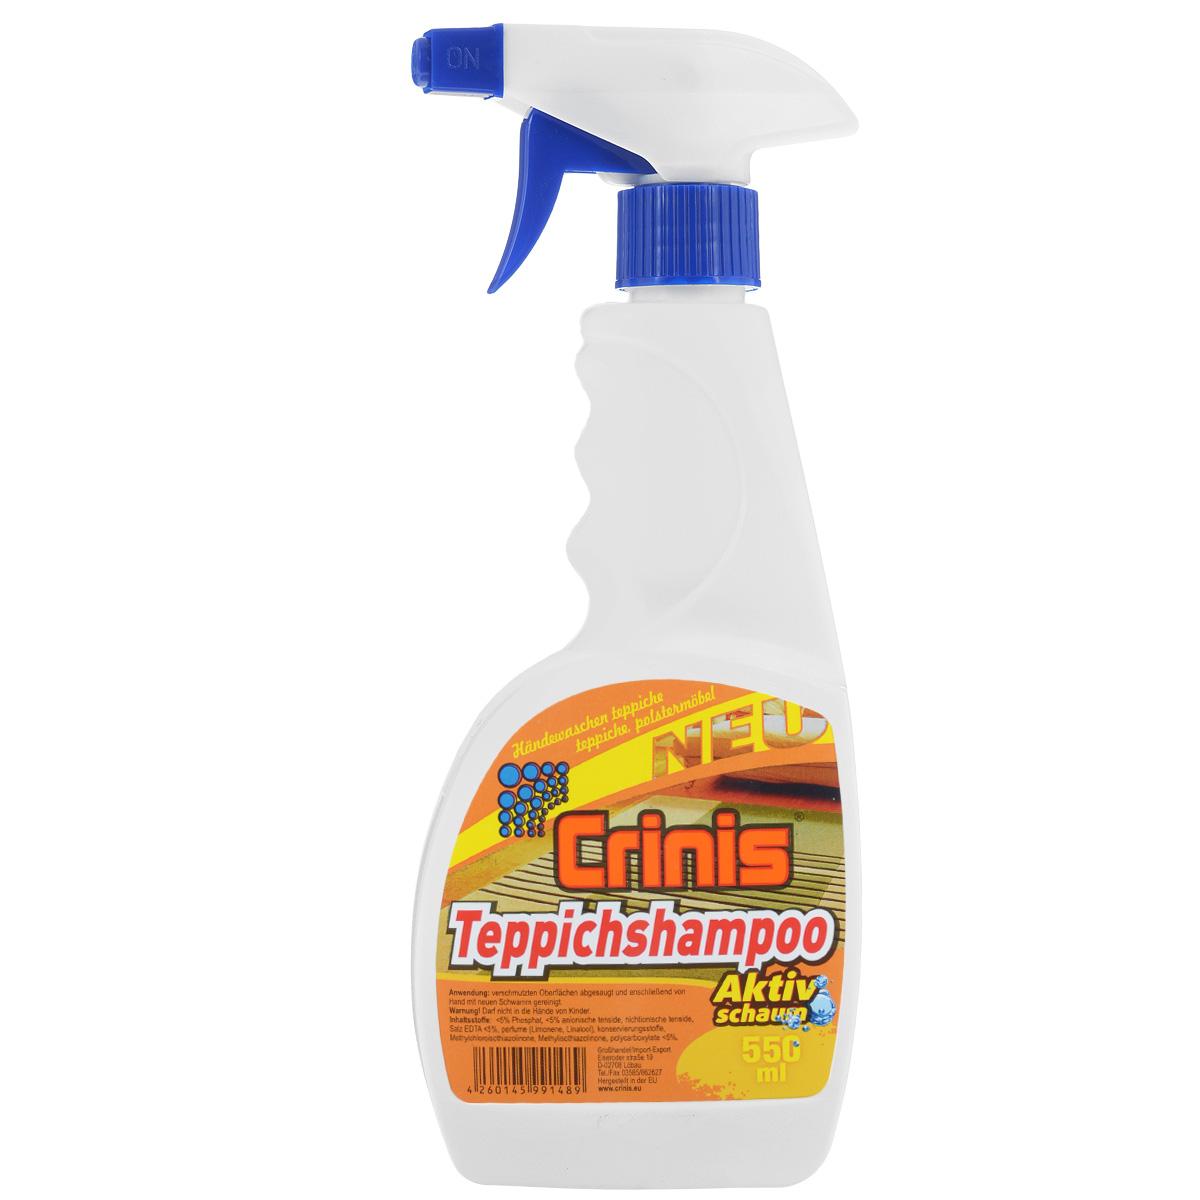 Средство для чистки ковров Crinis Teppichshampoo, 550 мл391602Средство для чистки ковров вручную Crinis Teppichshampoo хорошо очищает, удаляет пятна, нейтрализует запах. Подходит для ковров, ковролина, обивки и т.д. Продукт защищает напольные покрытия от новых загрязнений, оживляет цвета. Состав: анионные ПАВ менее 5%, неионные ПАВ менее 5%, фосфаты менее 5%, ЭДТА менее 5%, поликарбоксилаты менее 5%, корсерванта (Methylchloroisothiazolinone, Methylisothiazolinone), аромат. Товар сертифицирован.